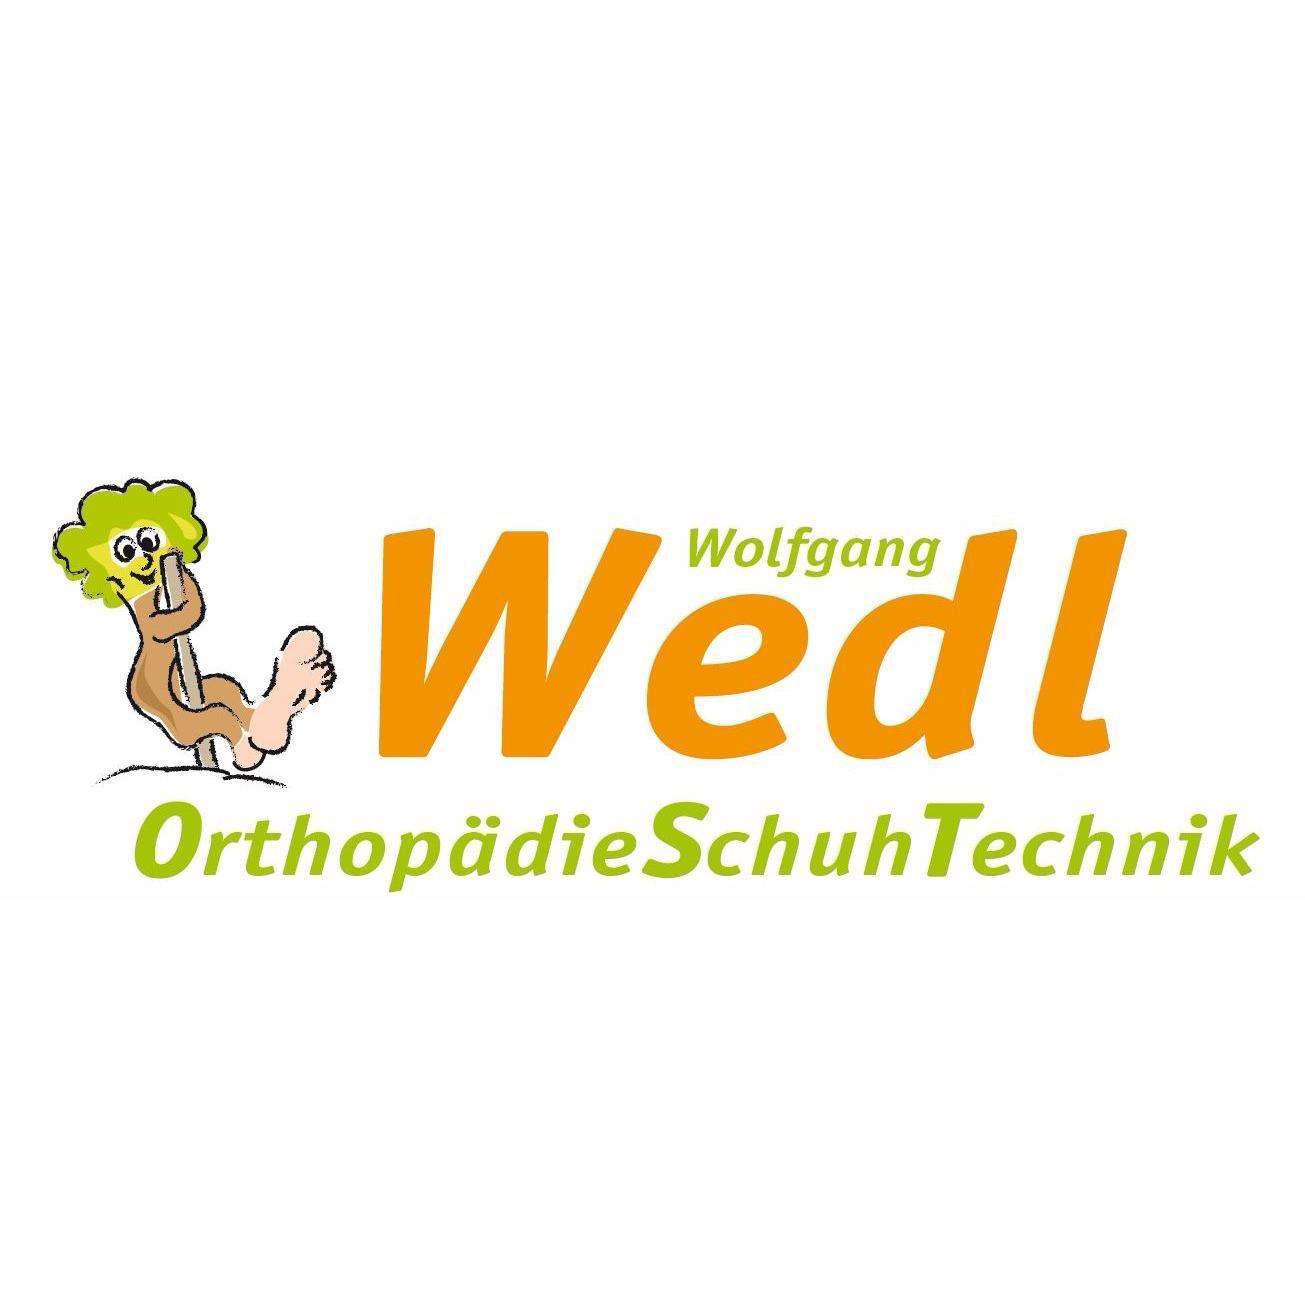 Orthopädieschuhtechnik Wolfgang Wedl in 2802 Hochwolkersdorf - Logo